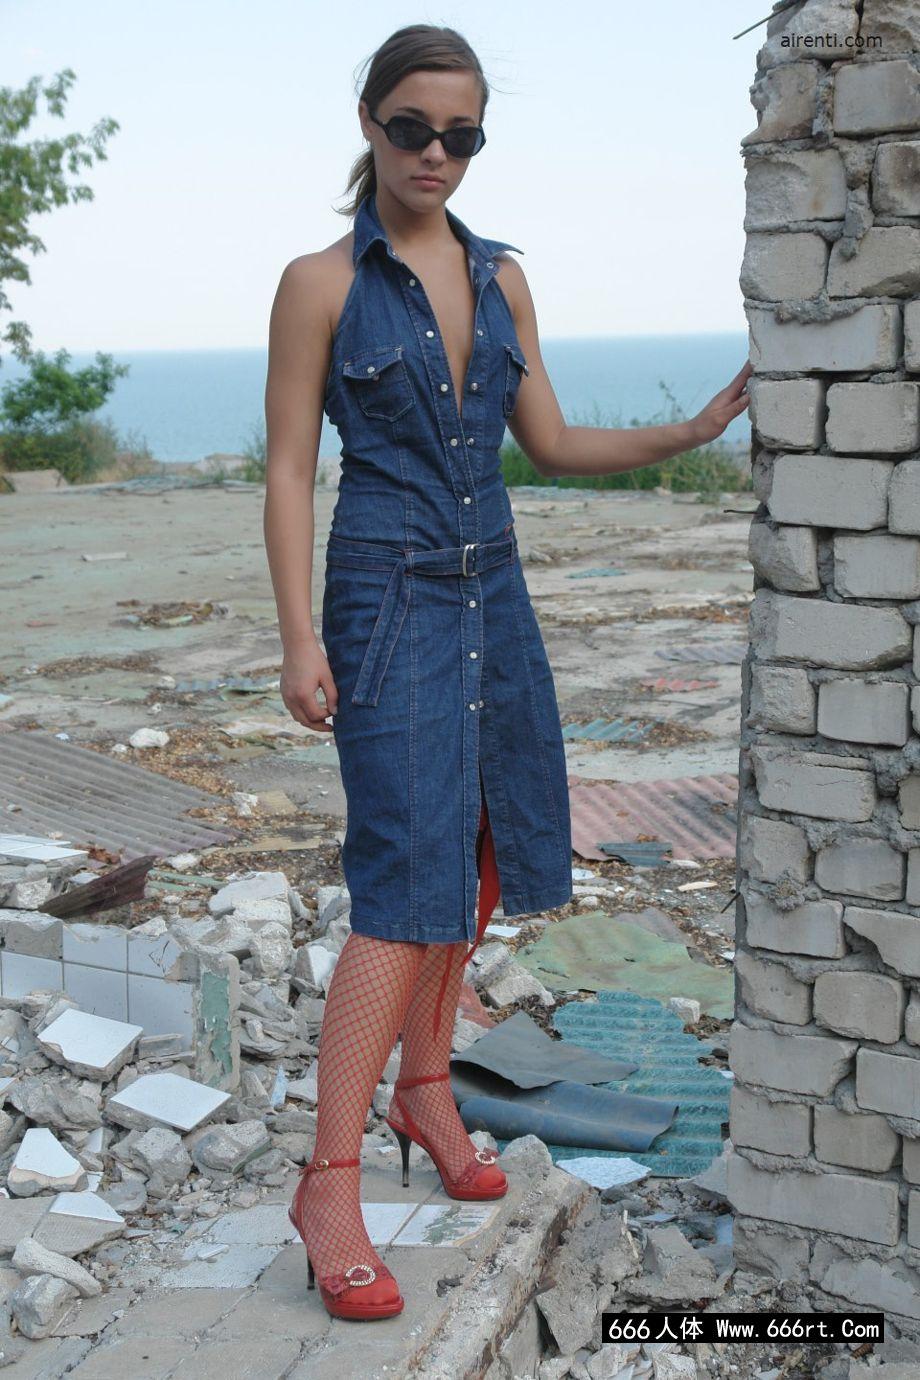 欧洲美模玛吉身穿渔网装外拍人体艺术